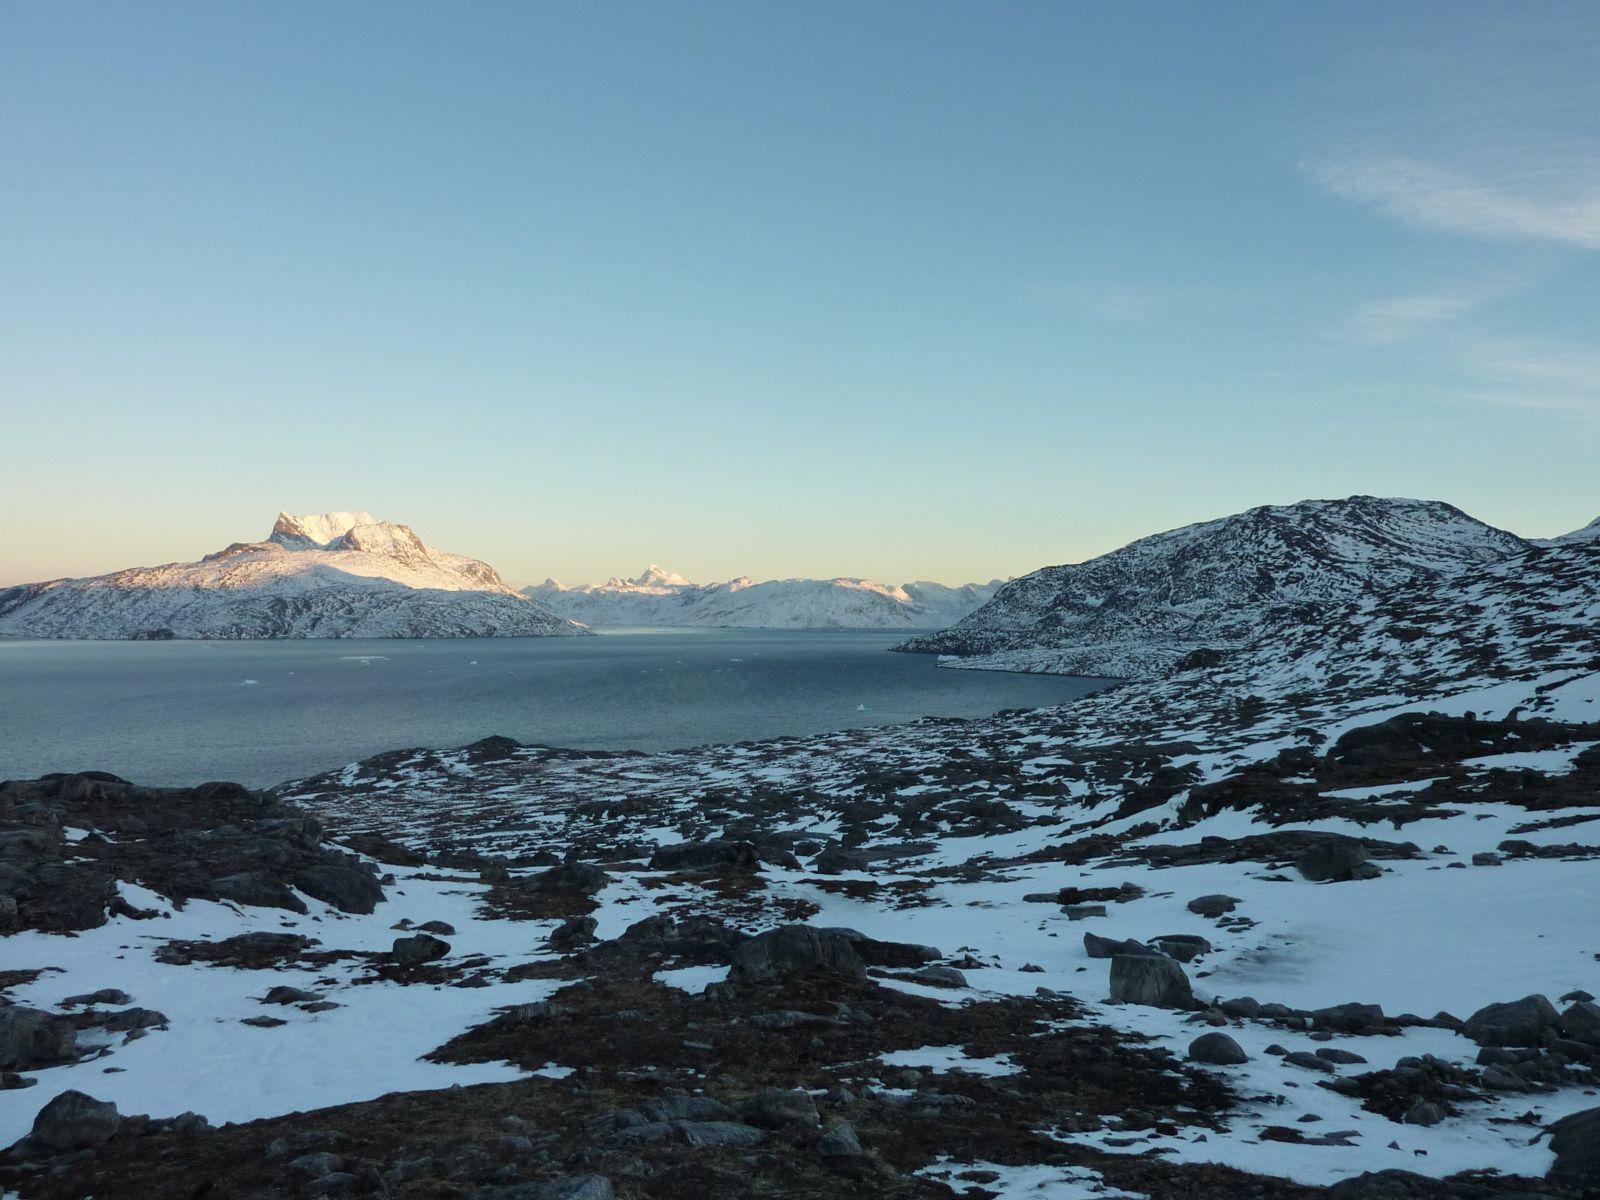 2010-12-17-1202_-_Sermitsiaq